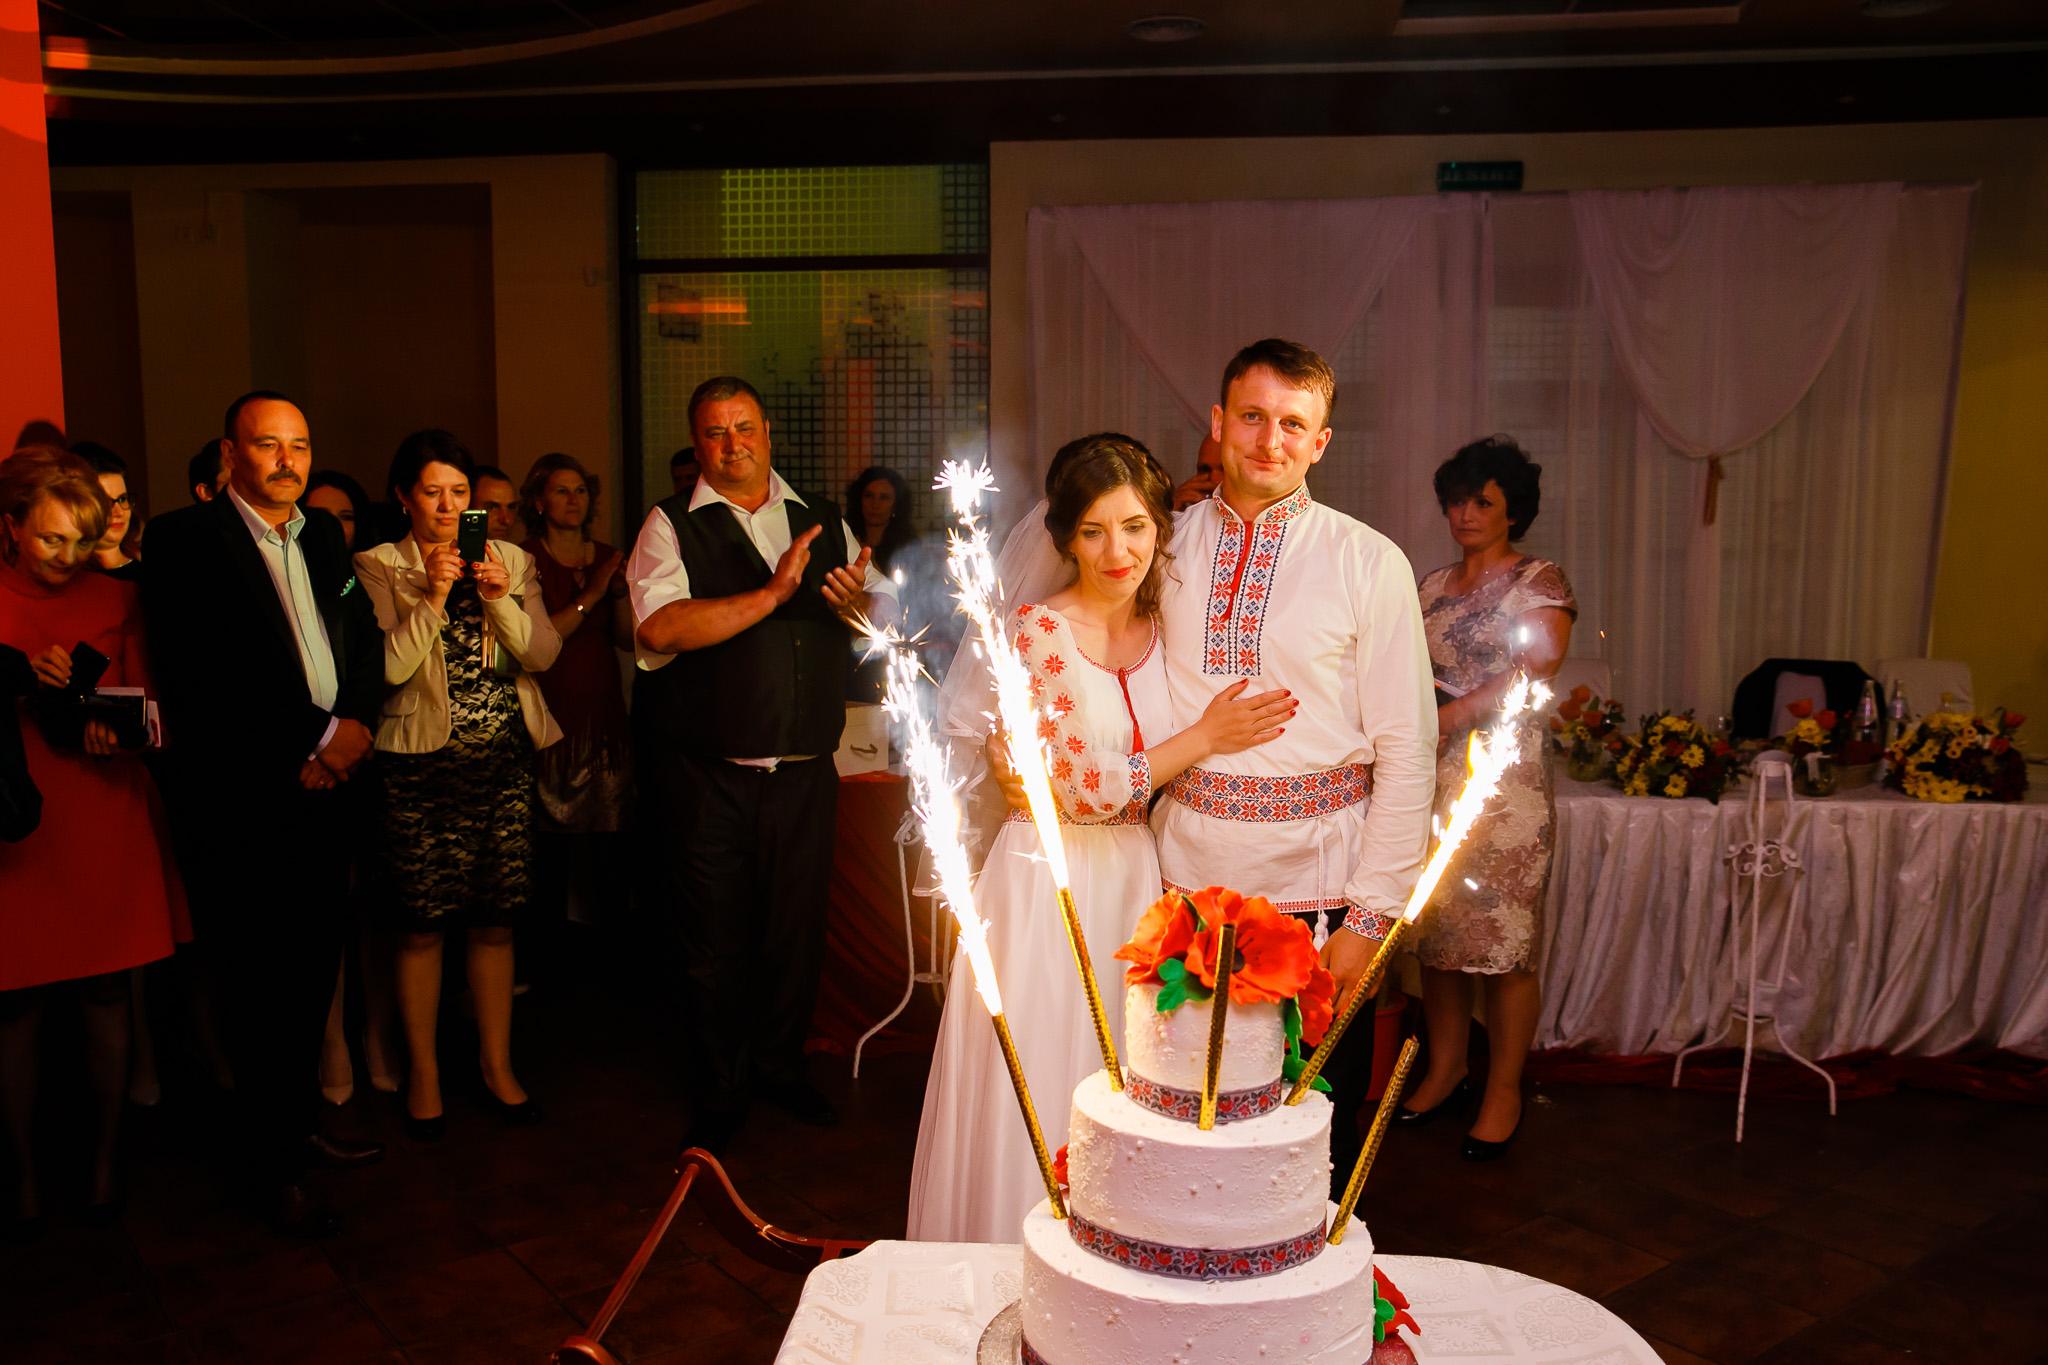 Nuntă tradițională Elisabeta și Alexandru fotograf profesionist nunta Iasi www.paulpadurariu.ro © 2018 Paul Padurariu fotograf de nunta Iasi tortul mirilor 2